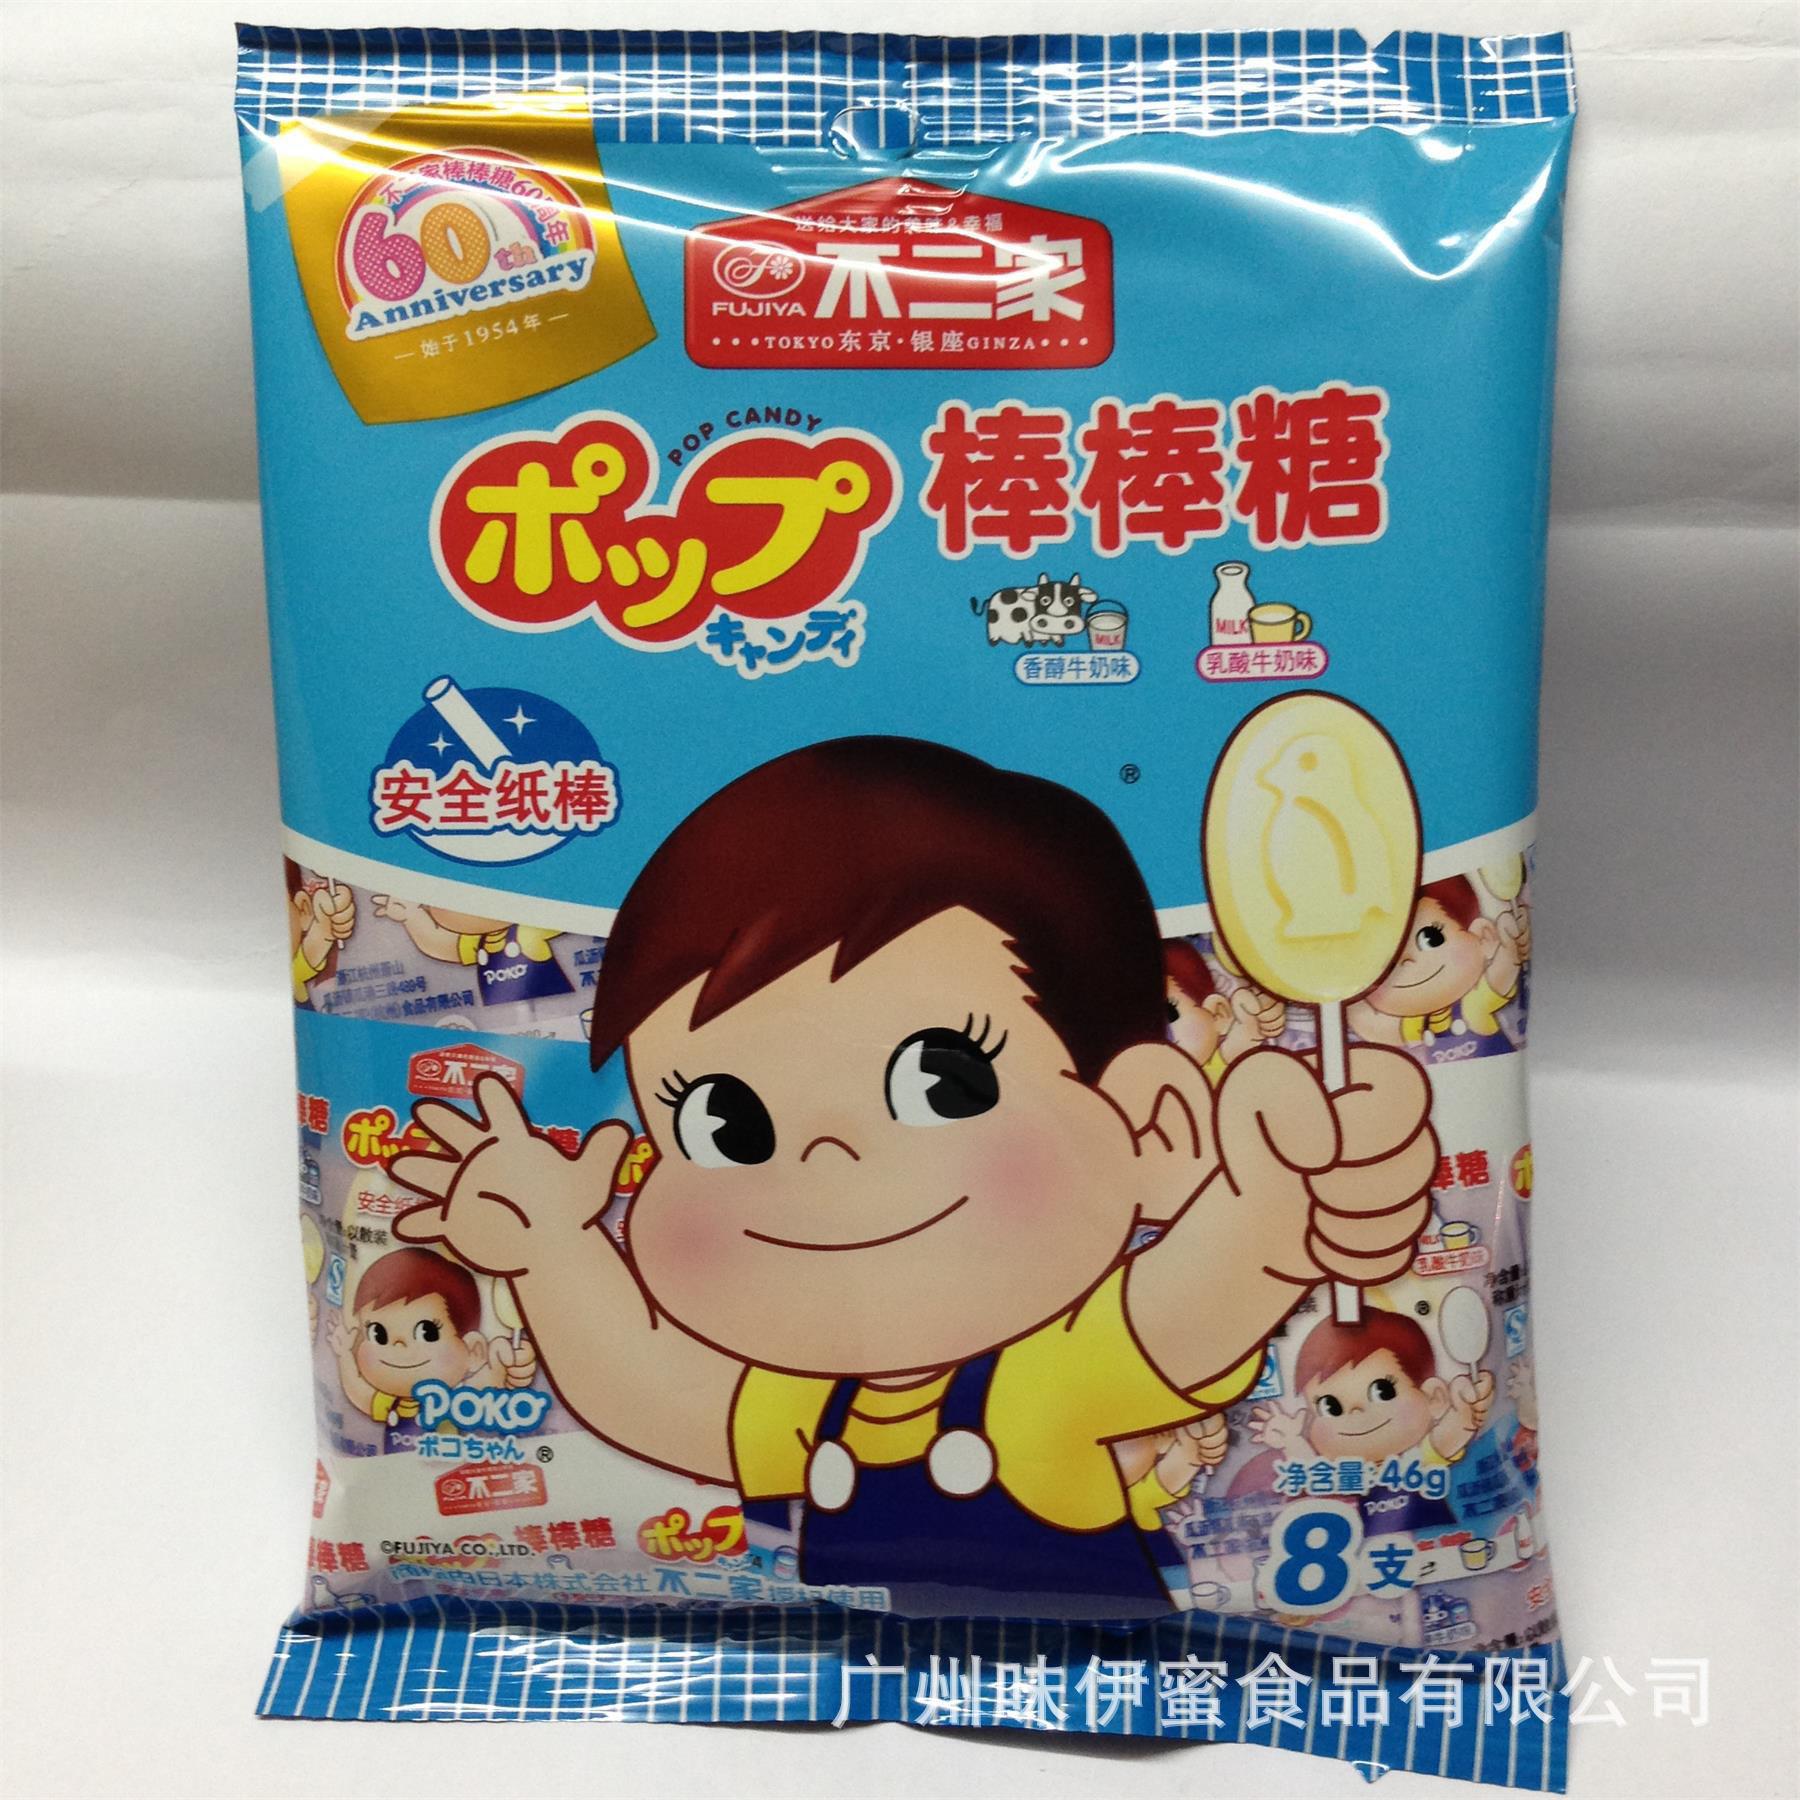 批发日本不二家棒棒糖牛奶味棒棒糖8支装46克图片